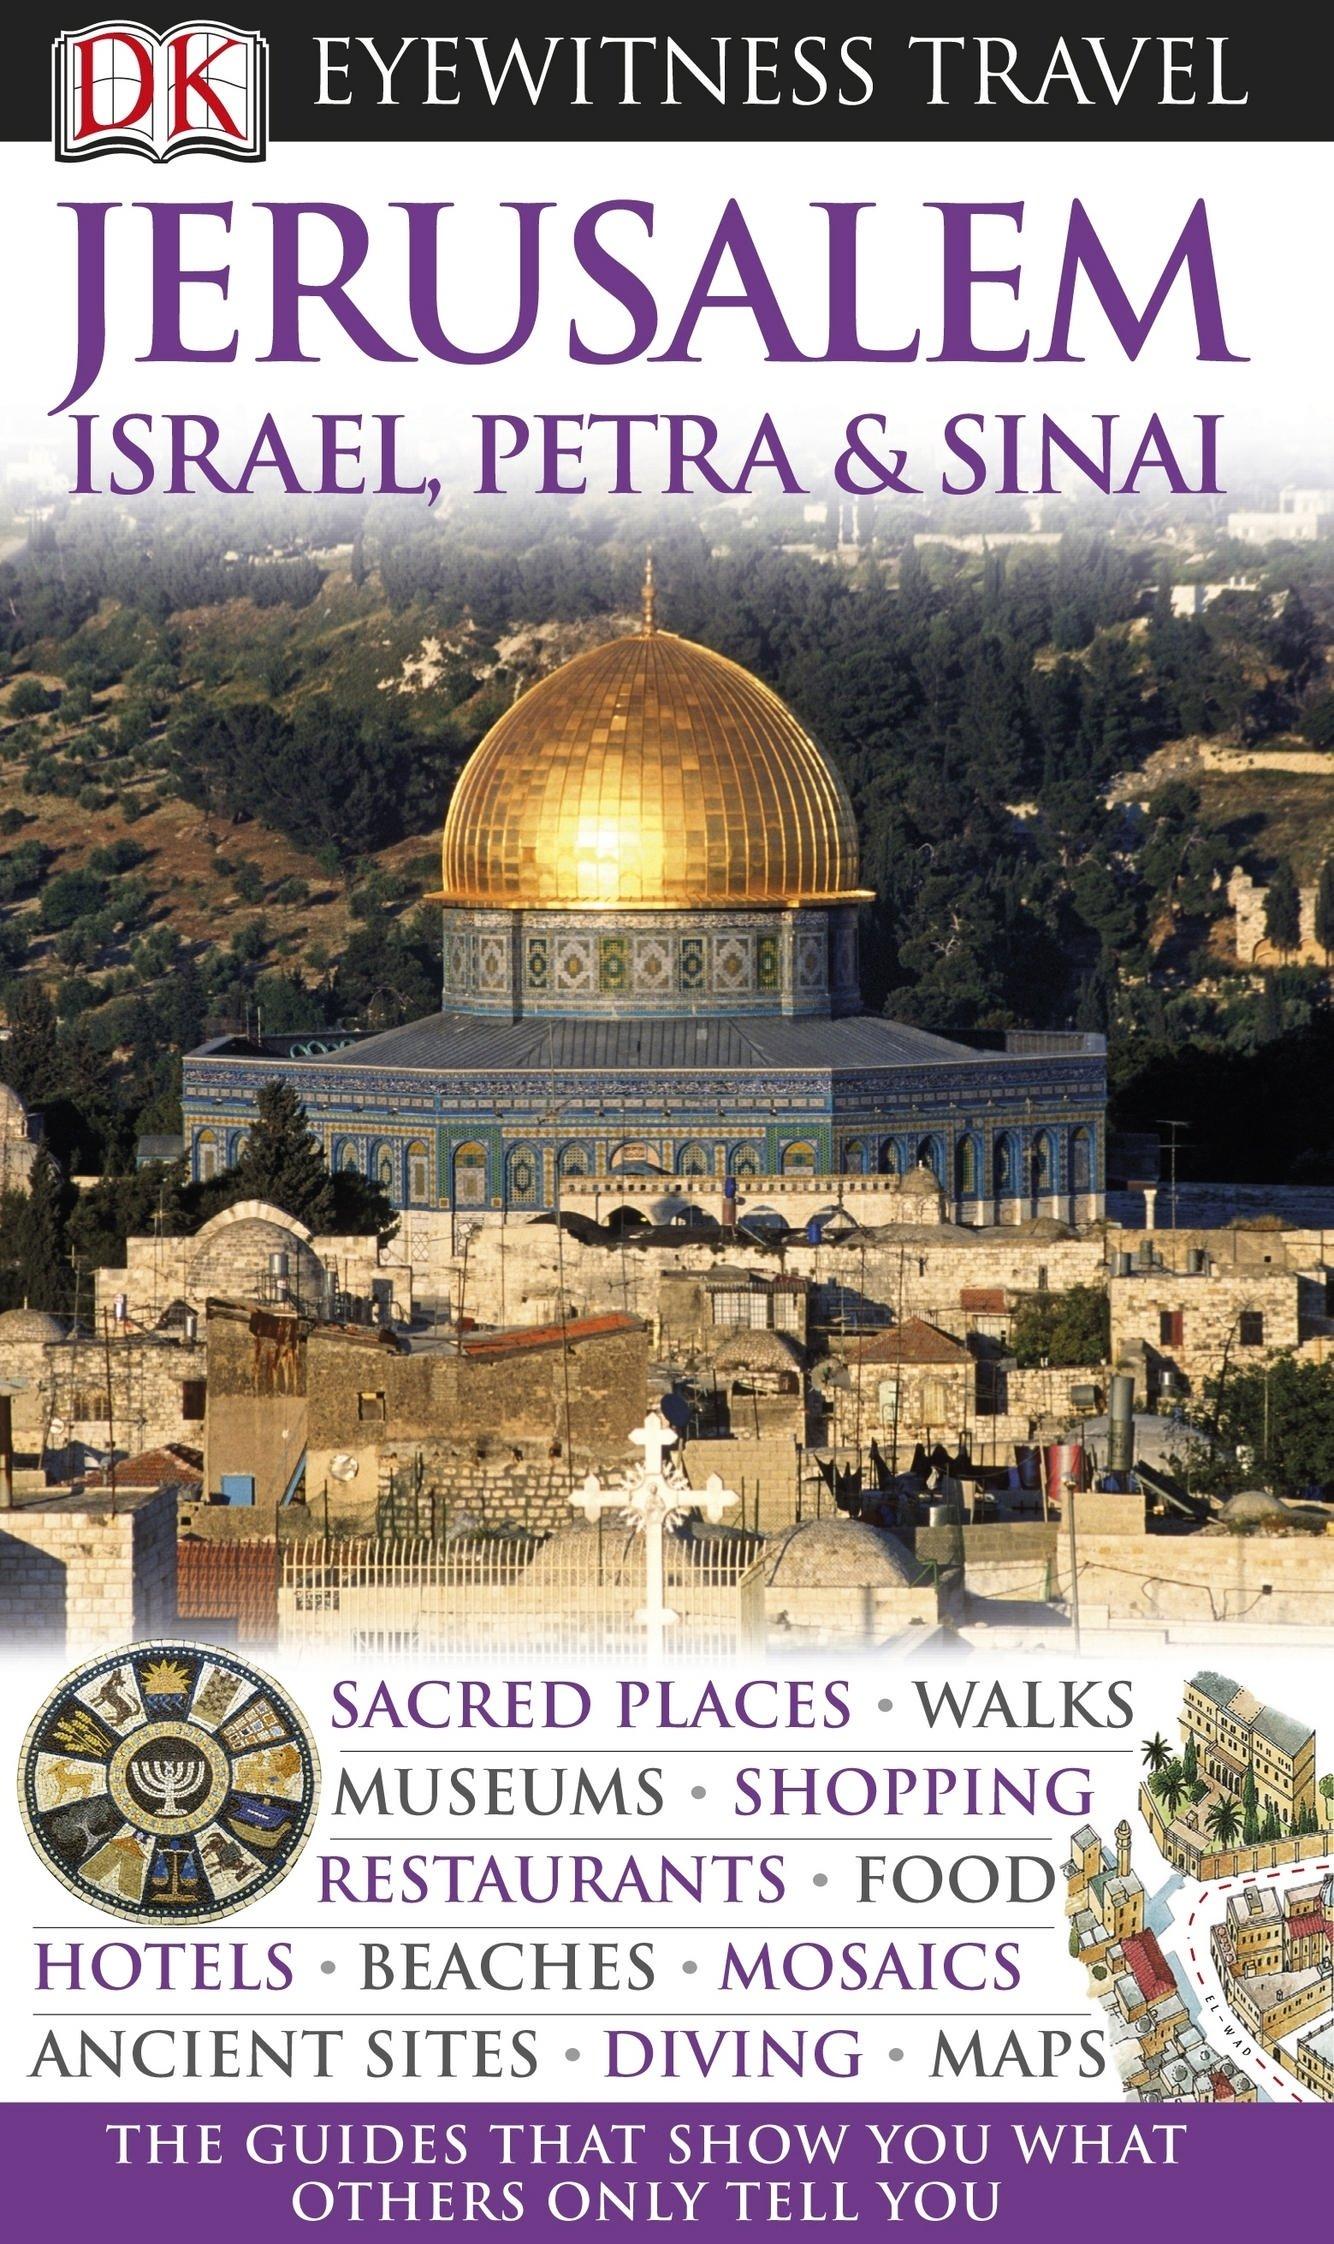 Jerusalem, Israel, Petra & Sinai. (DK Eyewitness Travel Guides) pdf epub